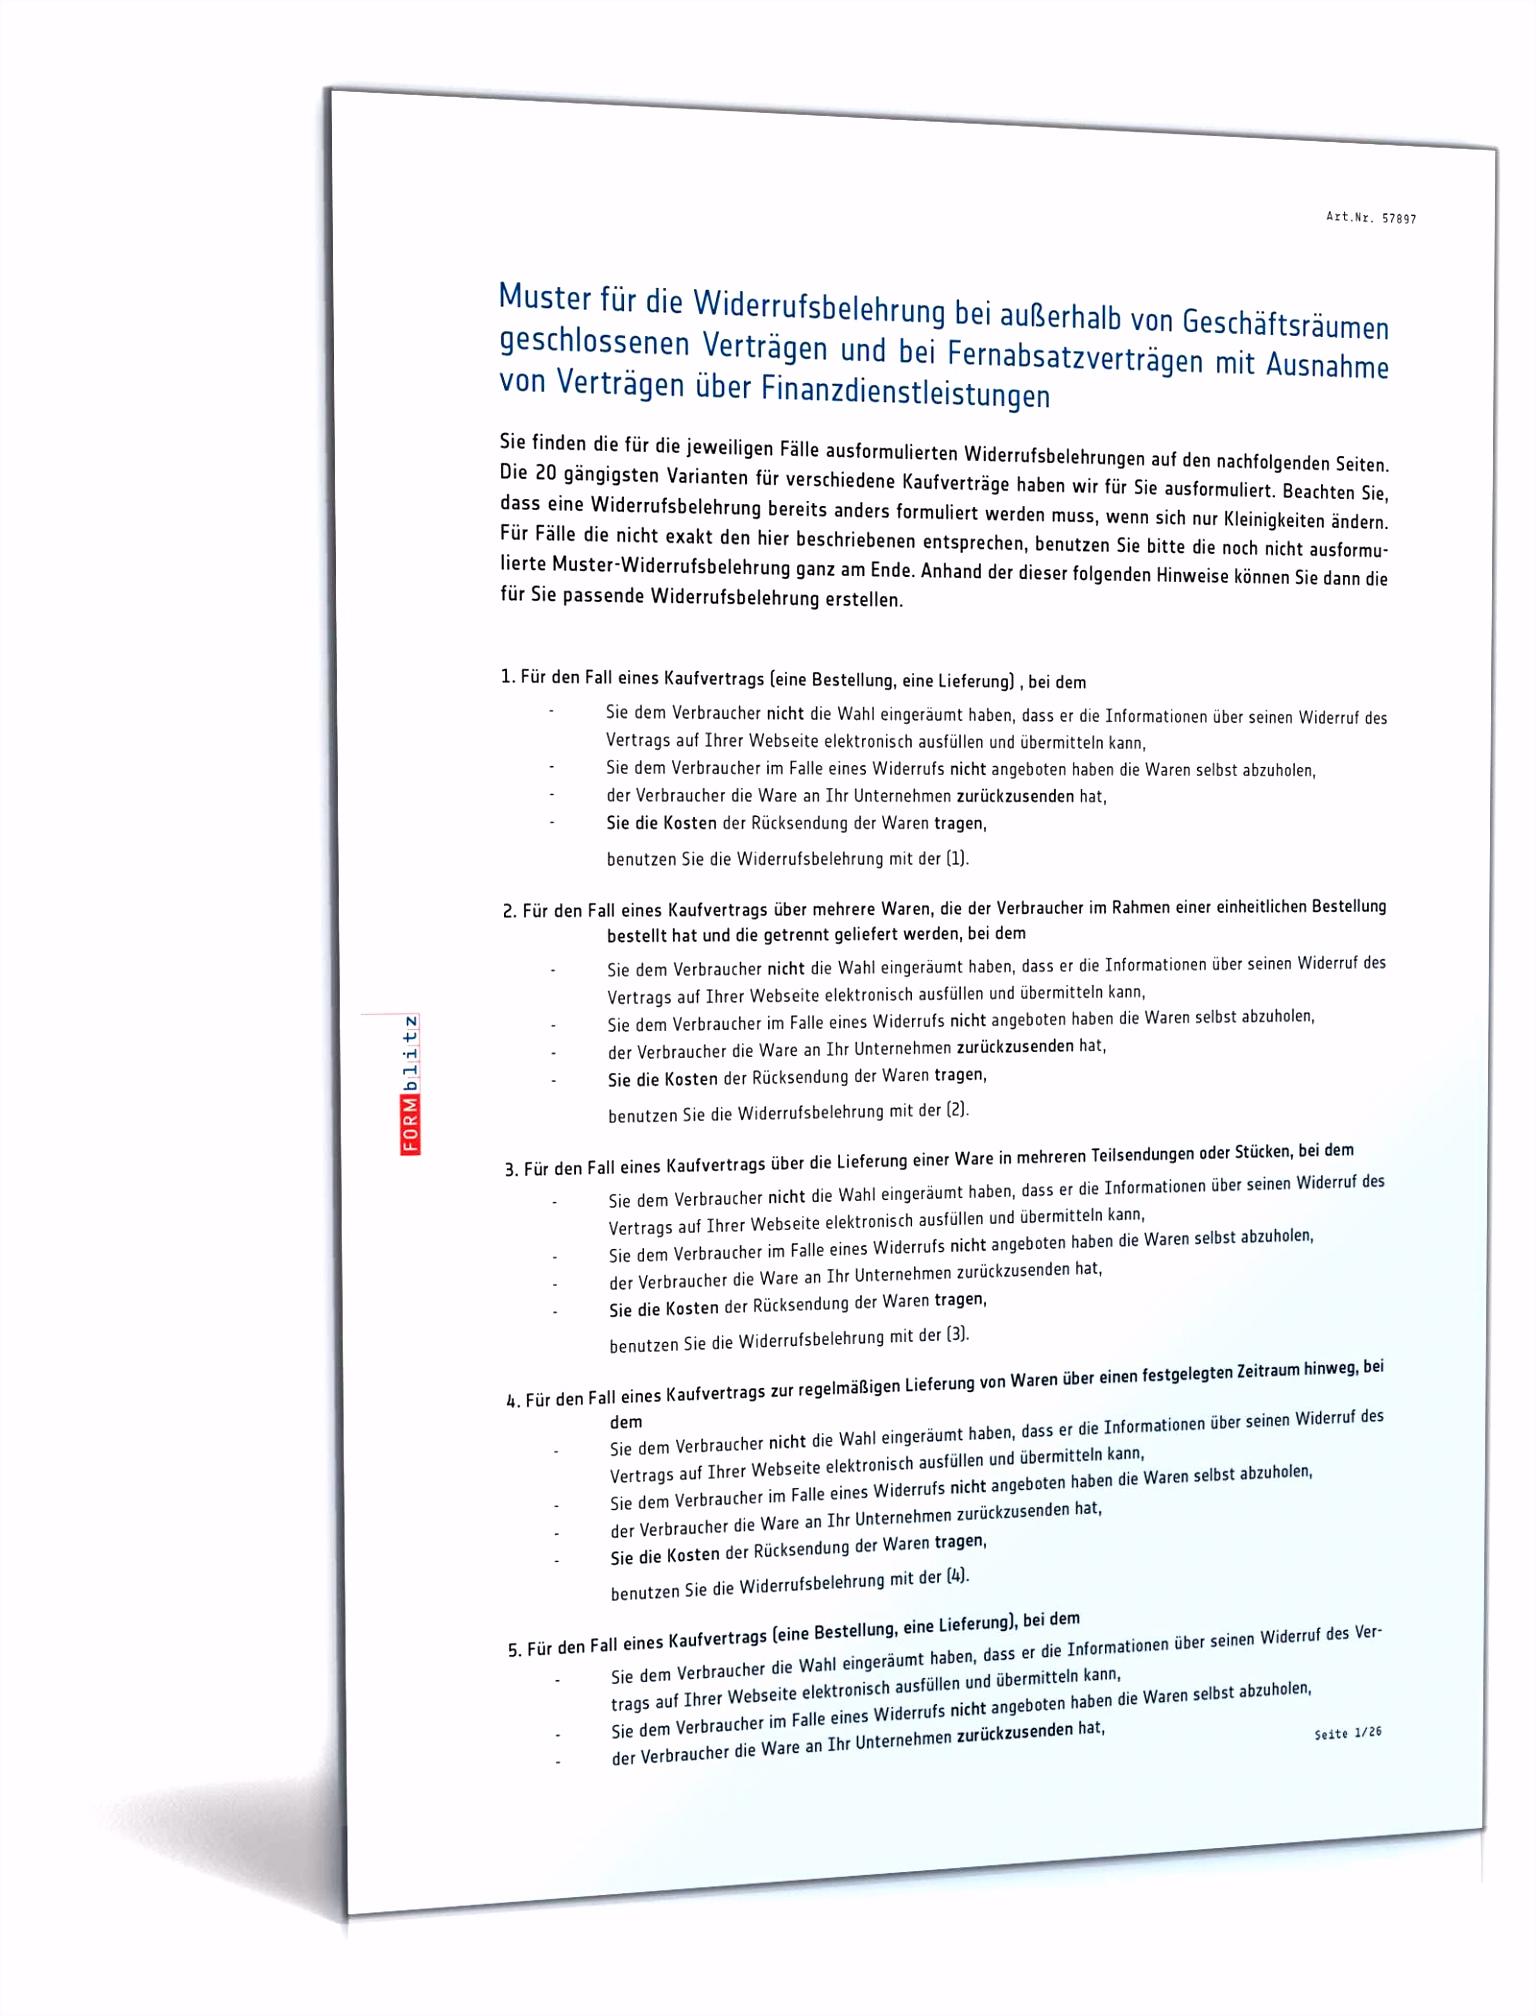 Bestellformular Vorlage Pdf fortgeschritten Vorlage Lebenslauf Kv Schweiz F7yk55ber3 asvuh5uvkh